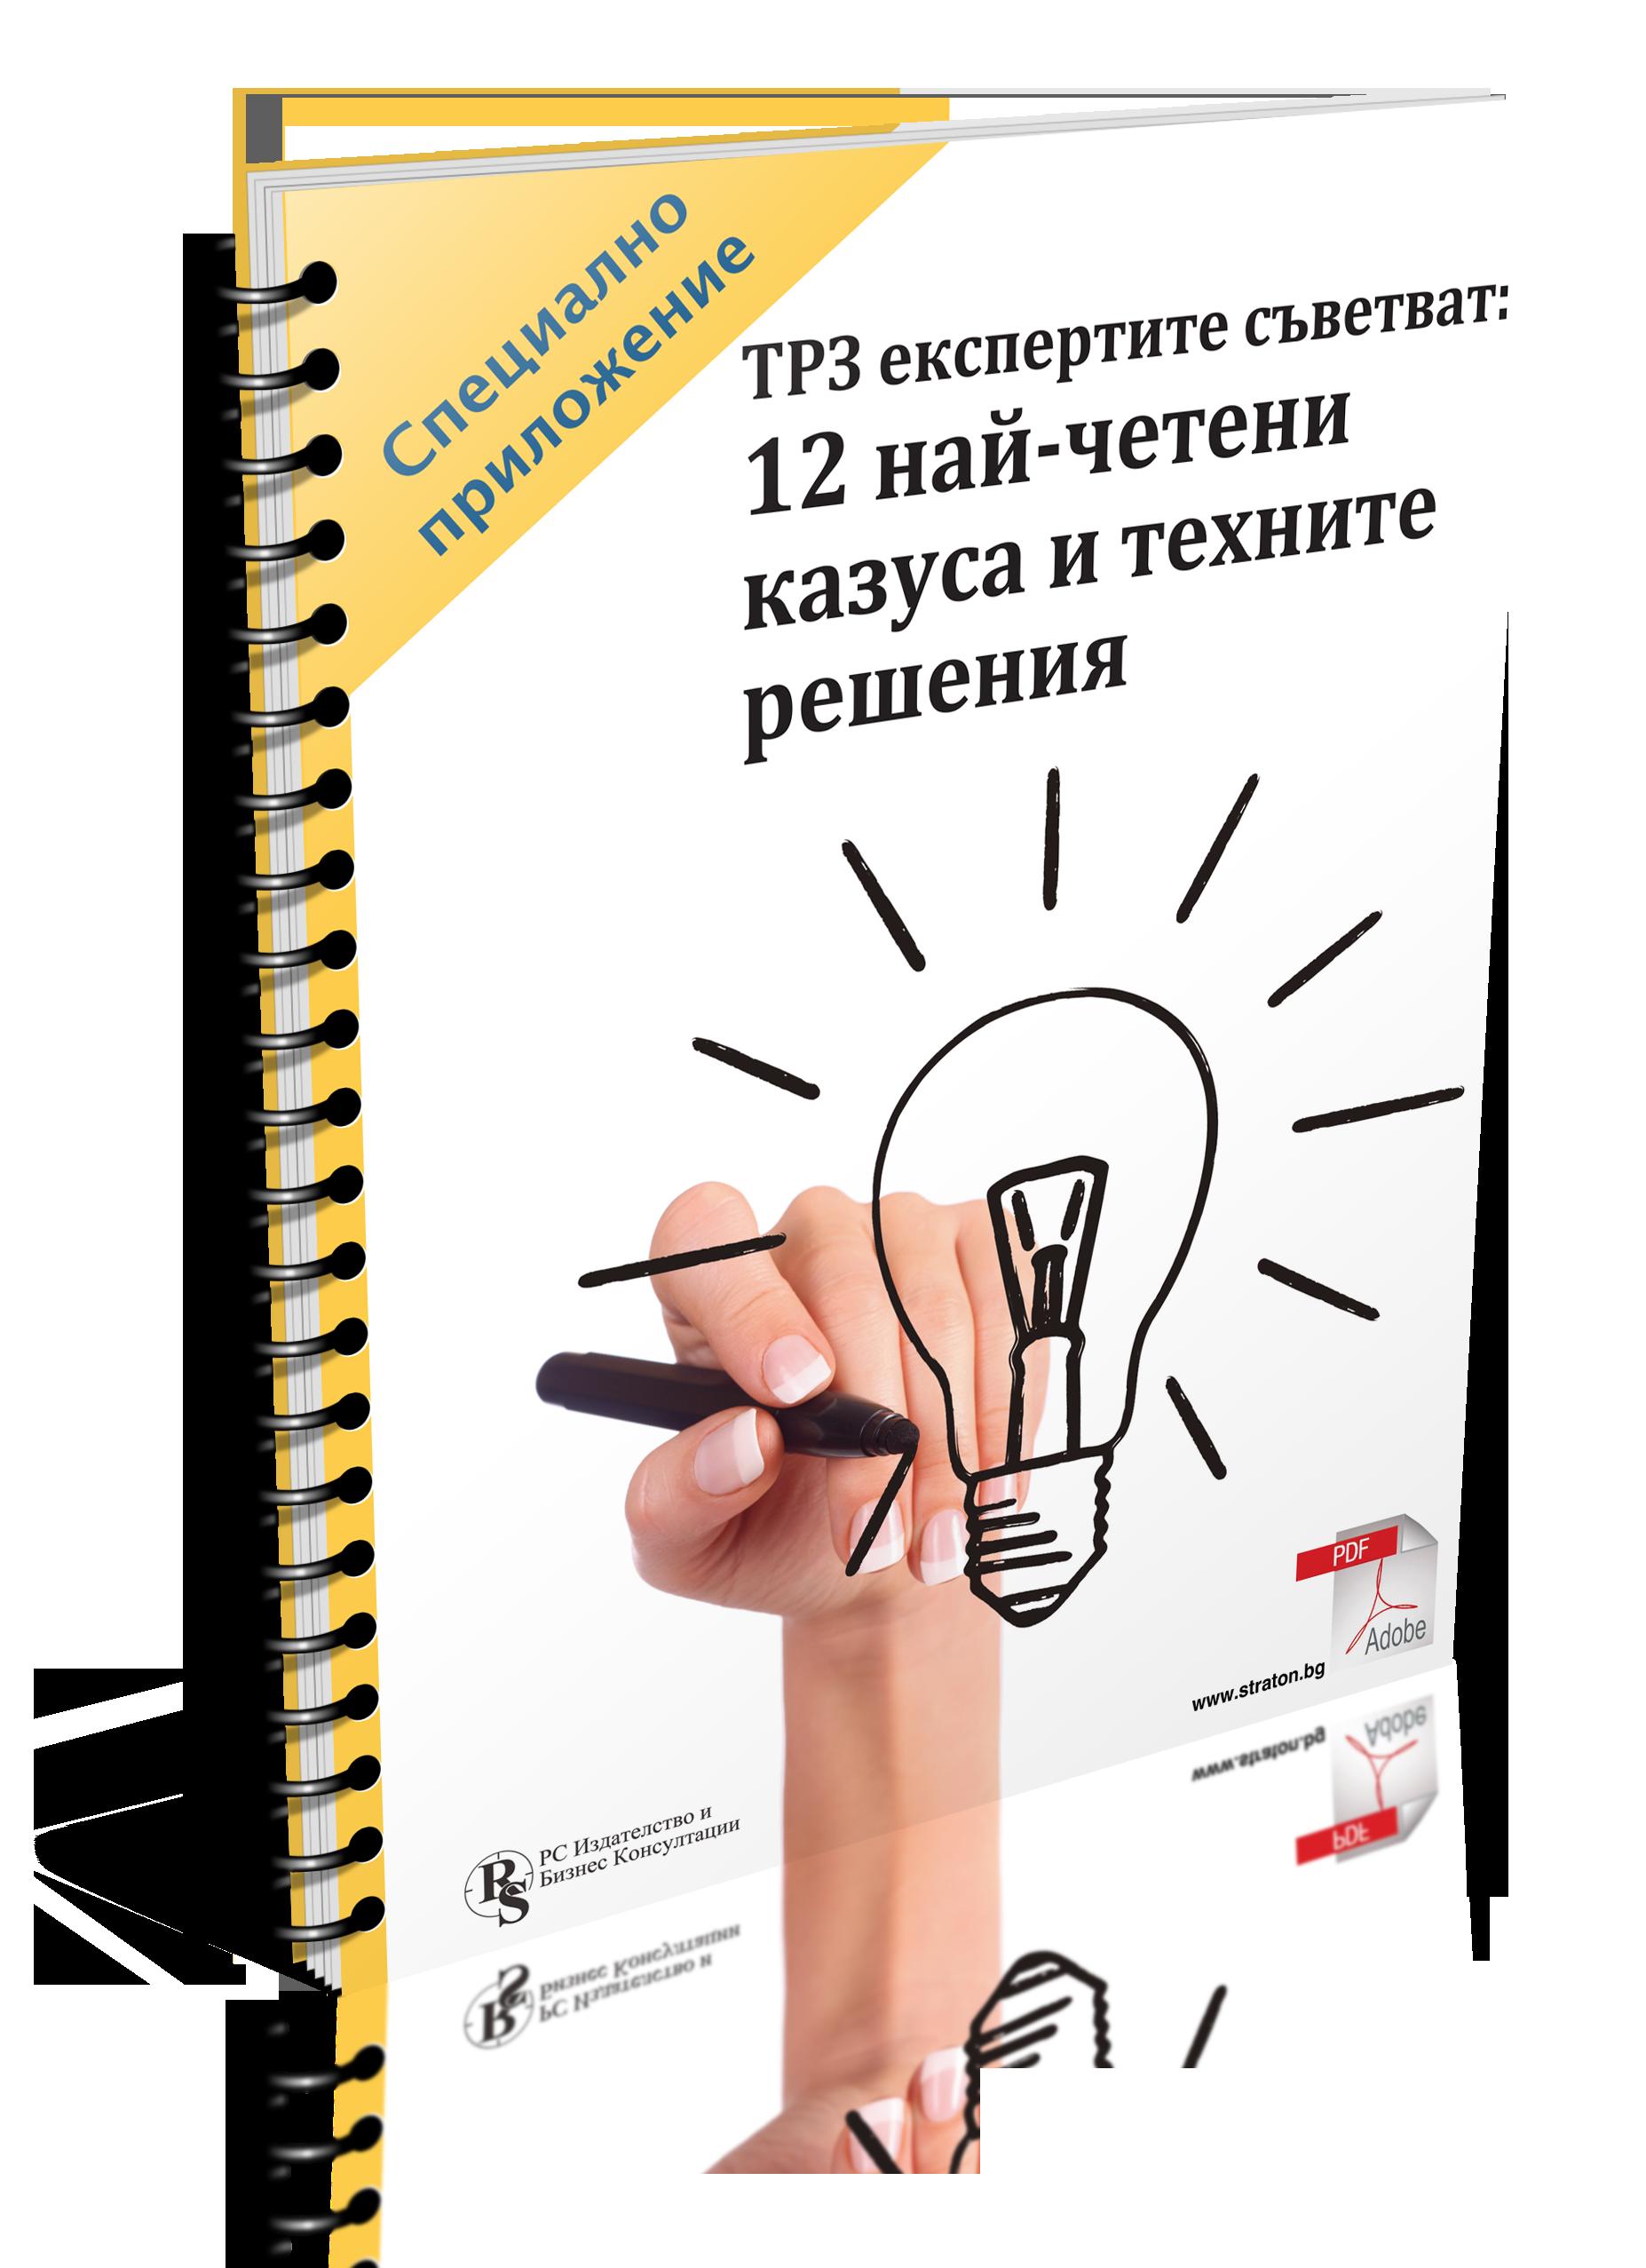 ТРЗ експертите съветват: 12 най-четени казуса и техните решения